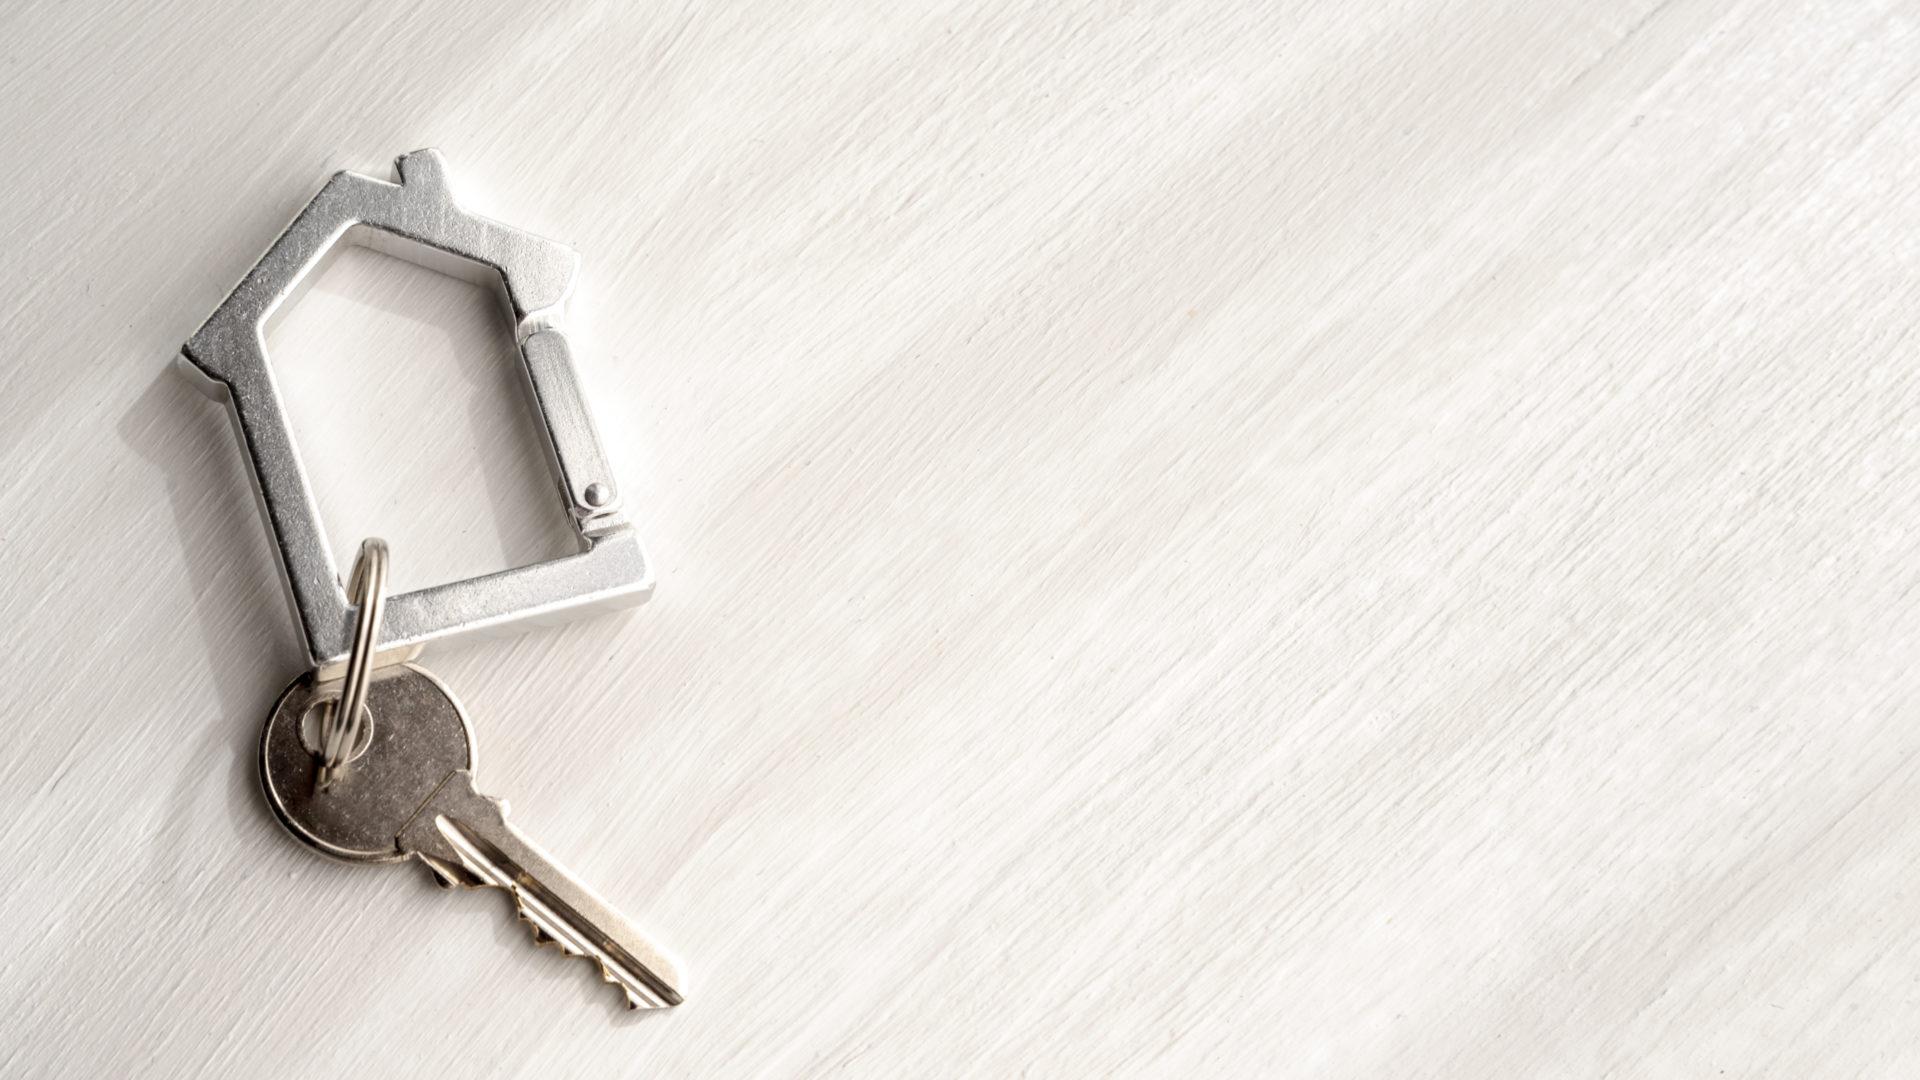 Les clés d'un appartement en gestion locative par une agence immobilière